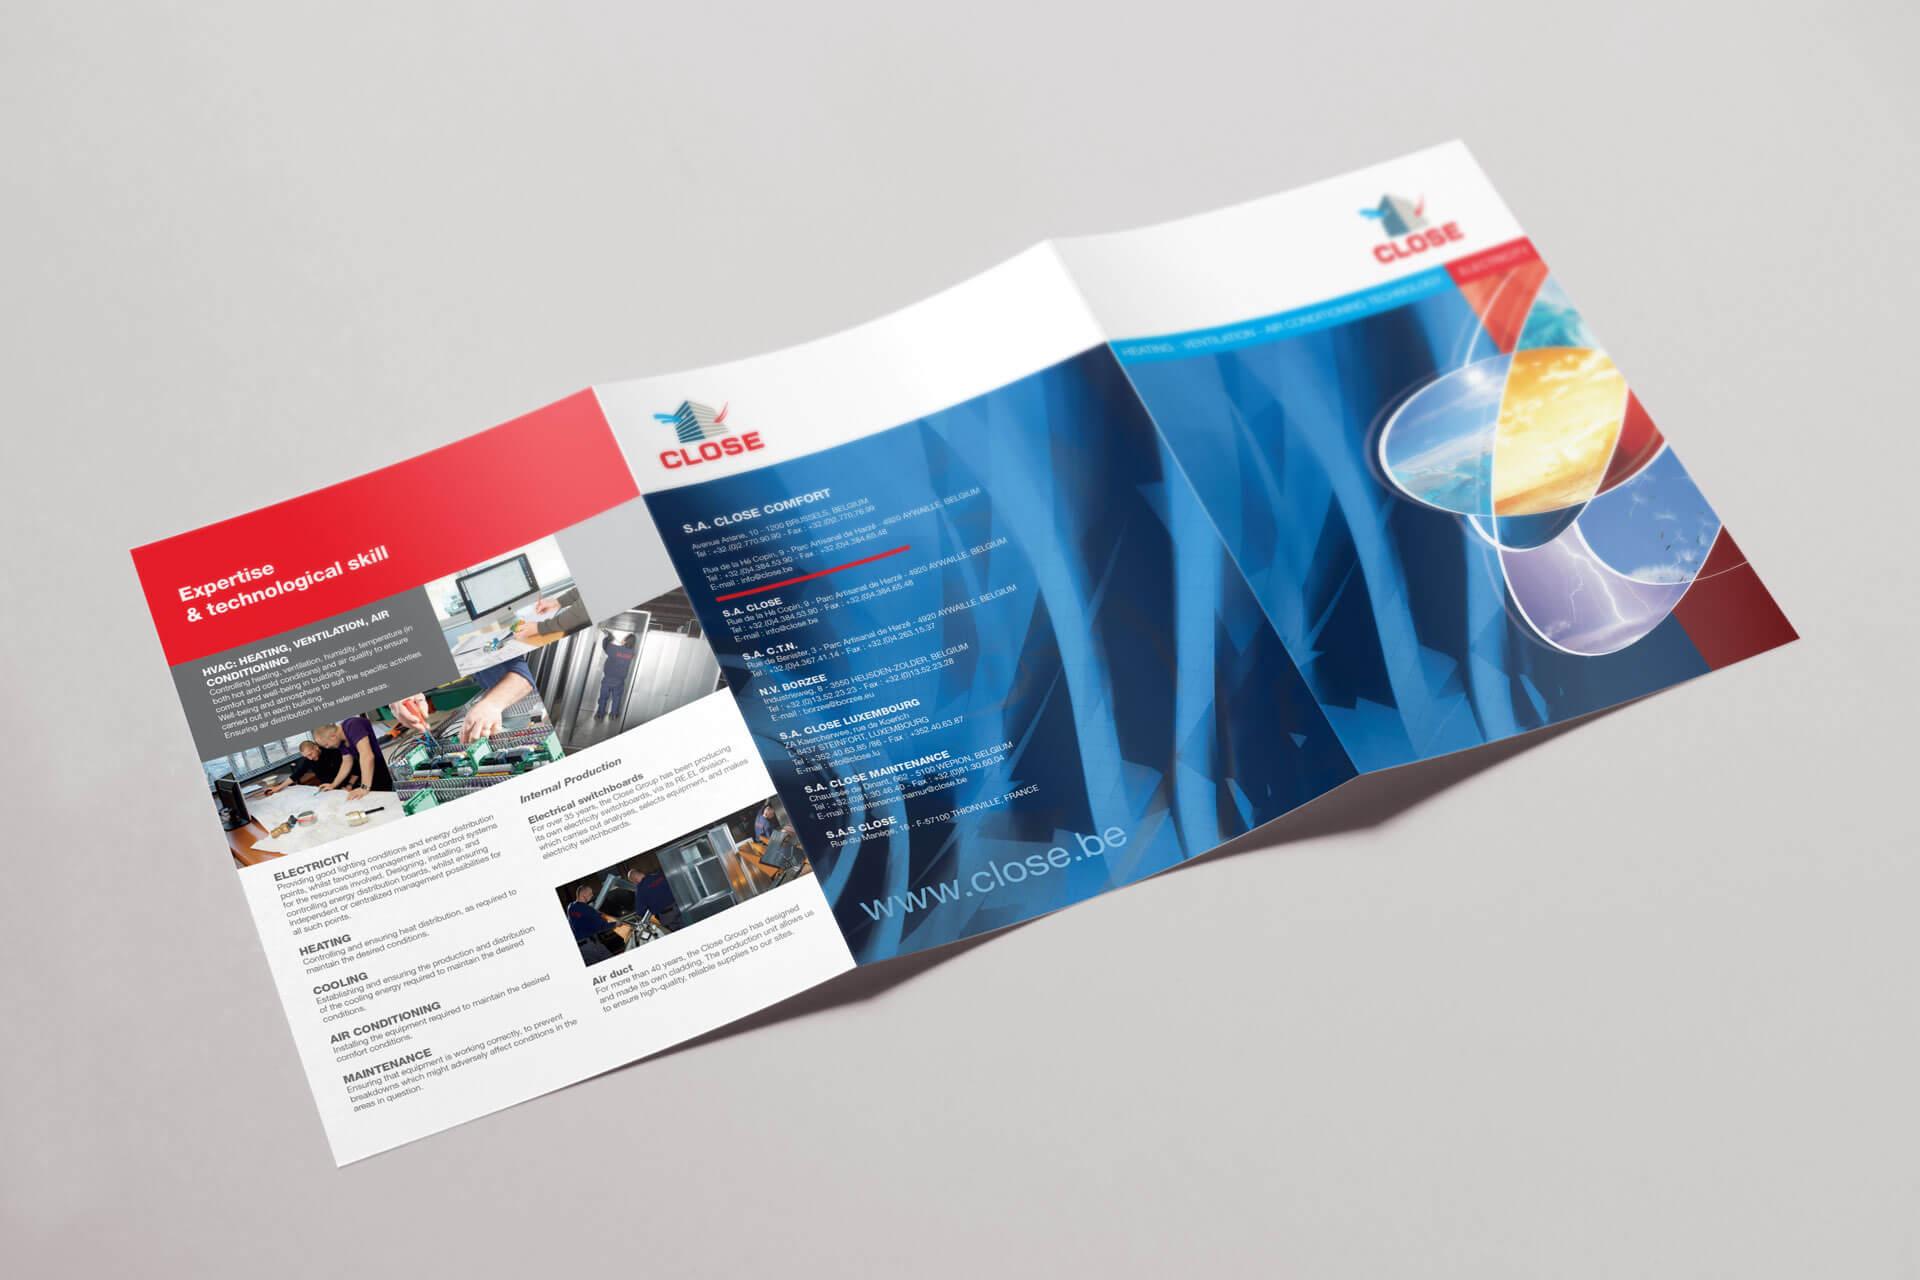 Close Brochure 1